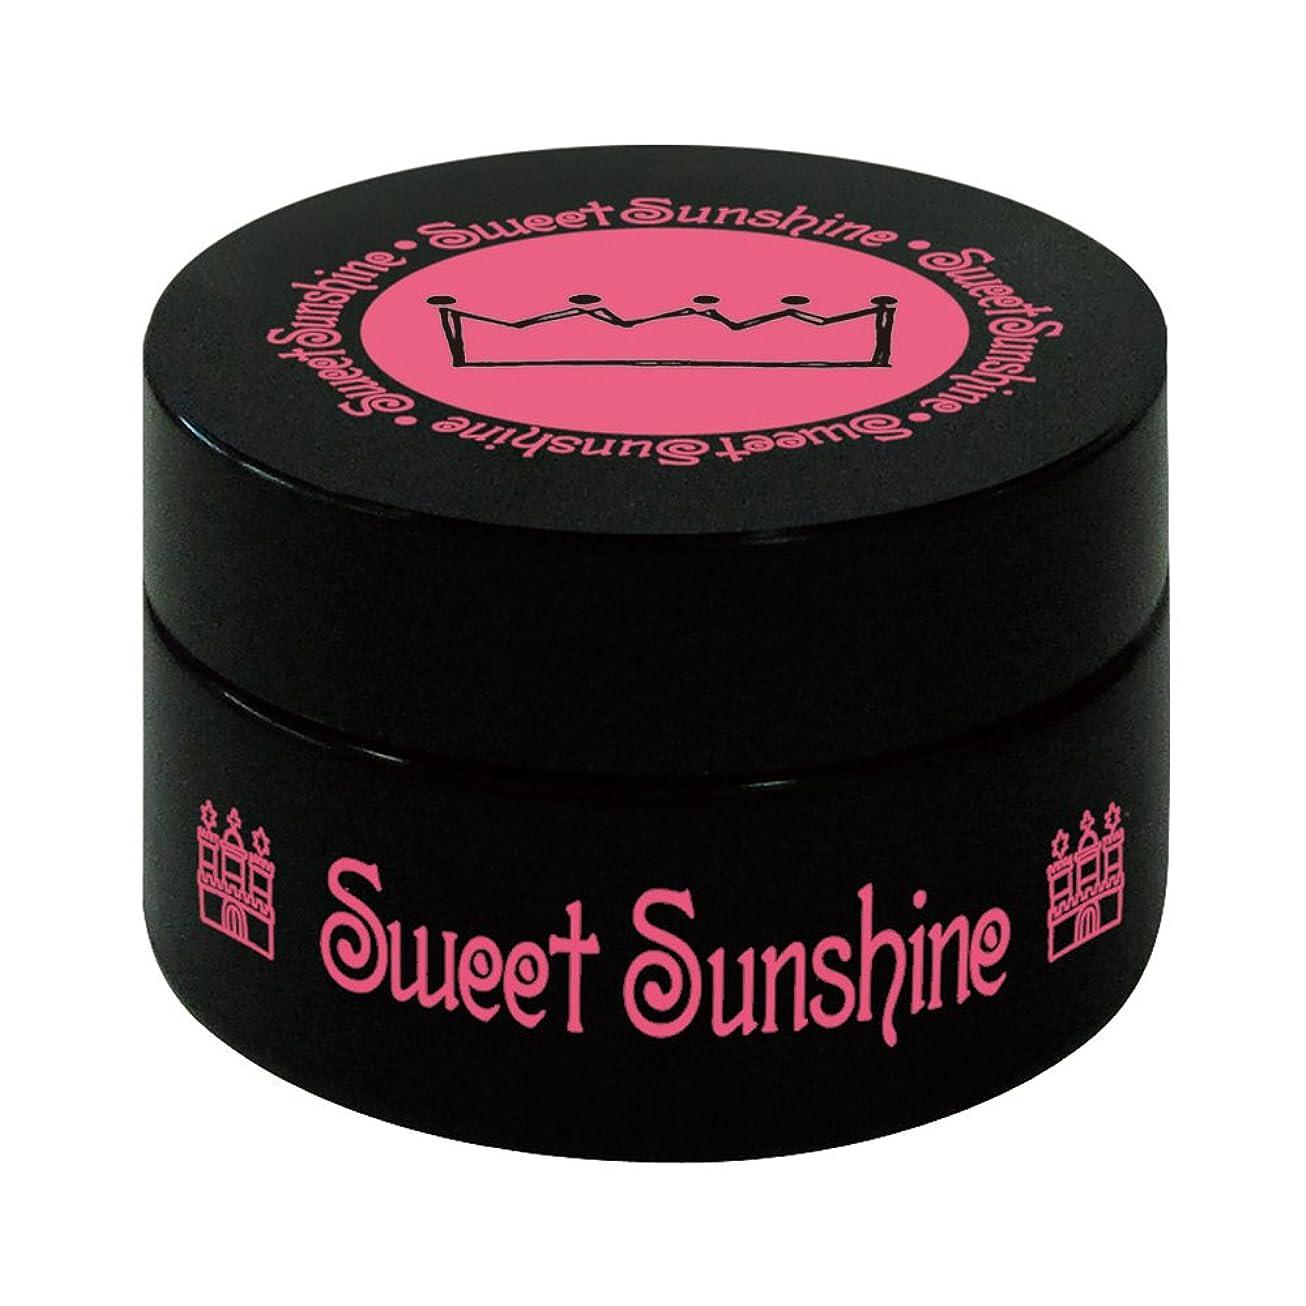 背骨正午稼ぐ最速硬化LED対応 Sweet Sunshine スィート サンシャイン カラージェル SC-98 4g ミントシャーベット